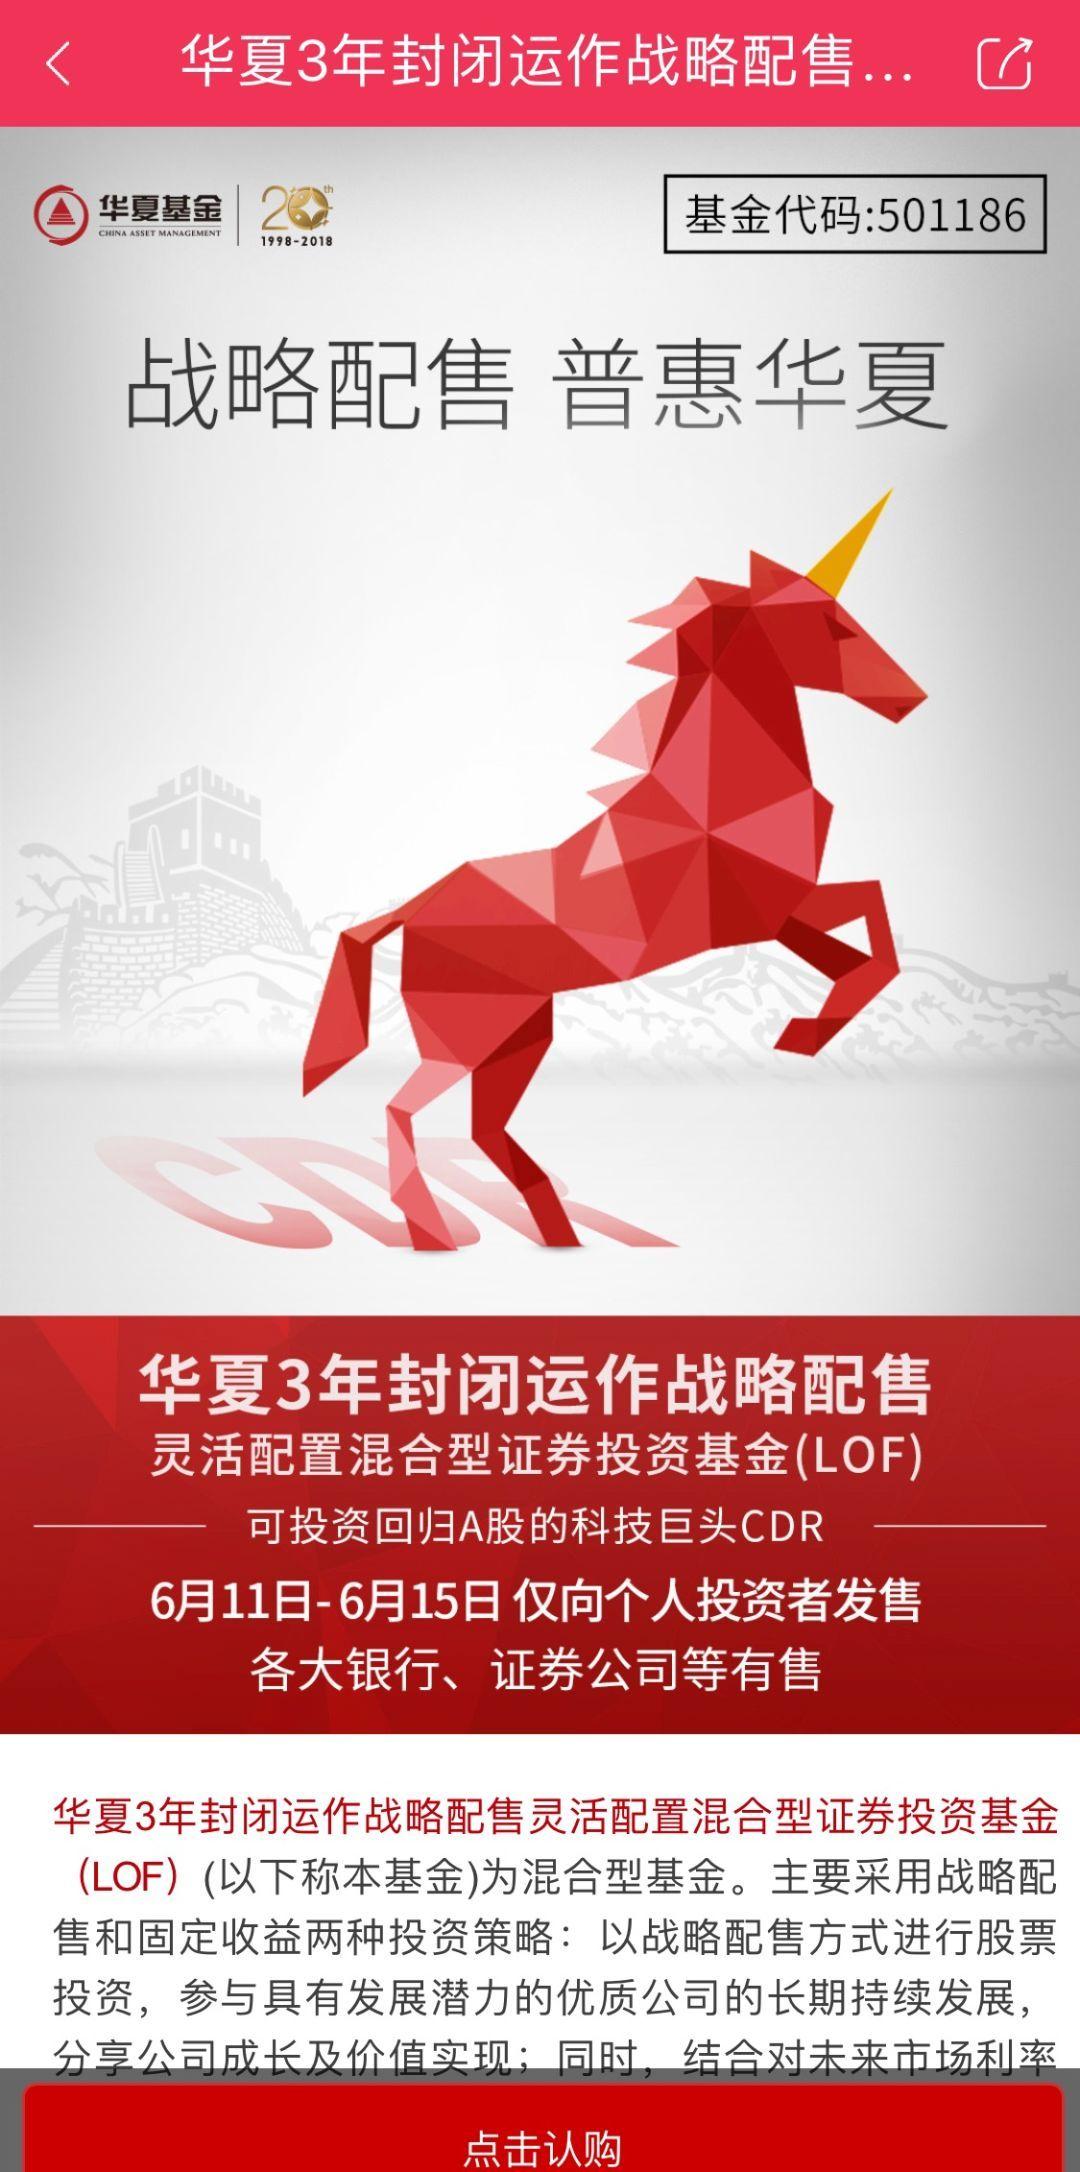 银行宣传海报手绘图片